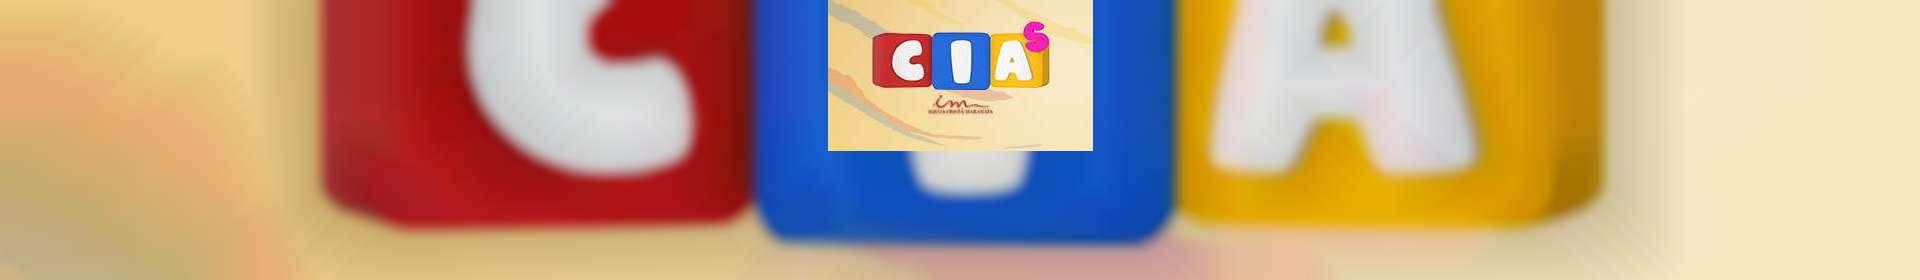 Aula de CIAS: classe de 3 a 7 anos  - 07 de abril de 2020